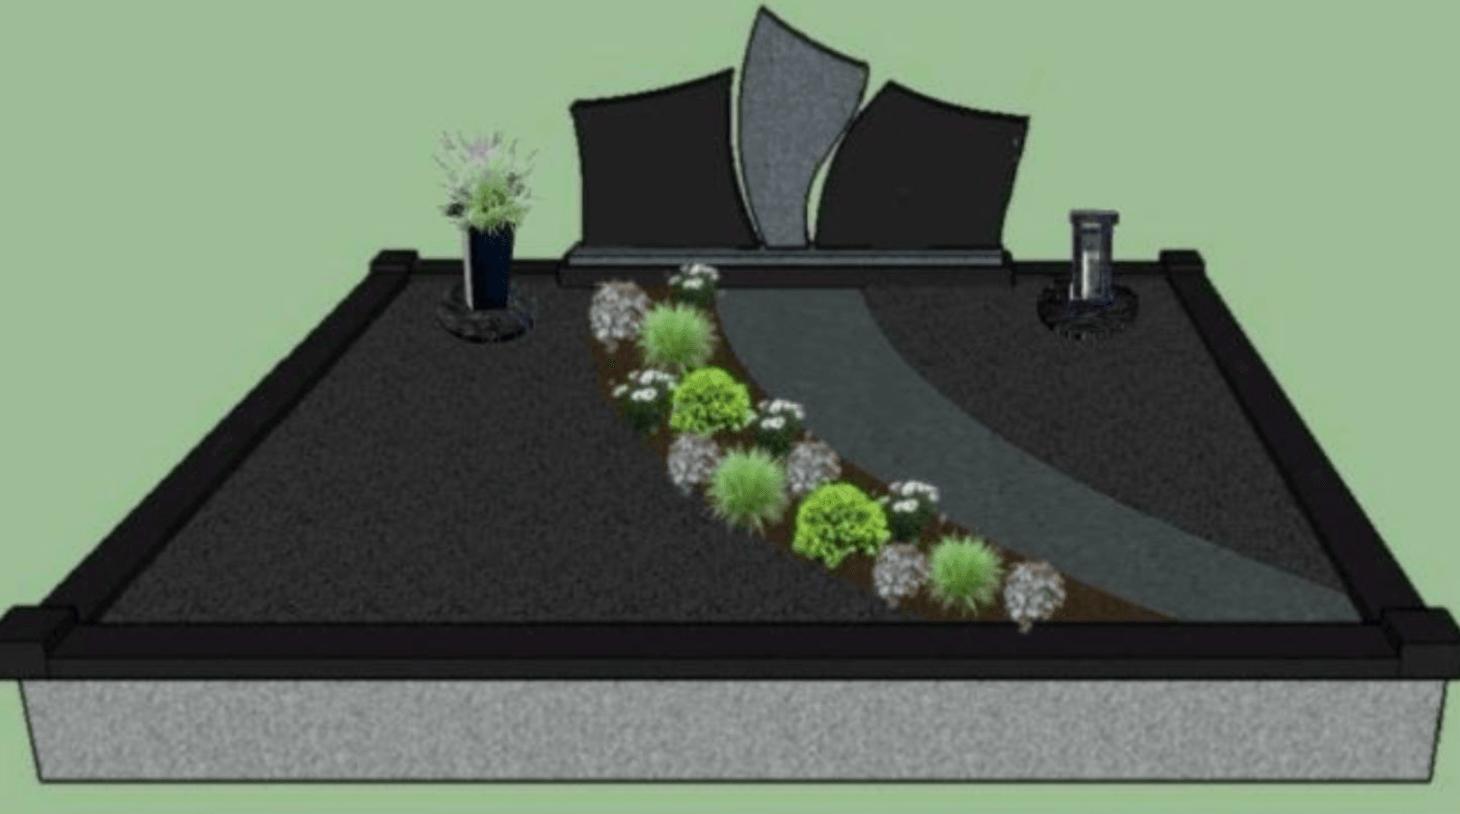 kapo dizainas su augalais